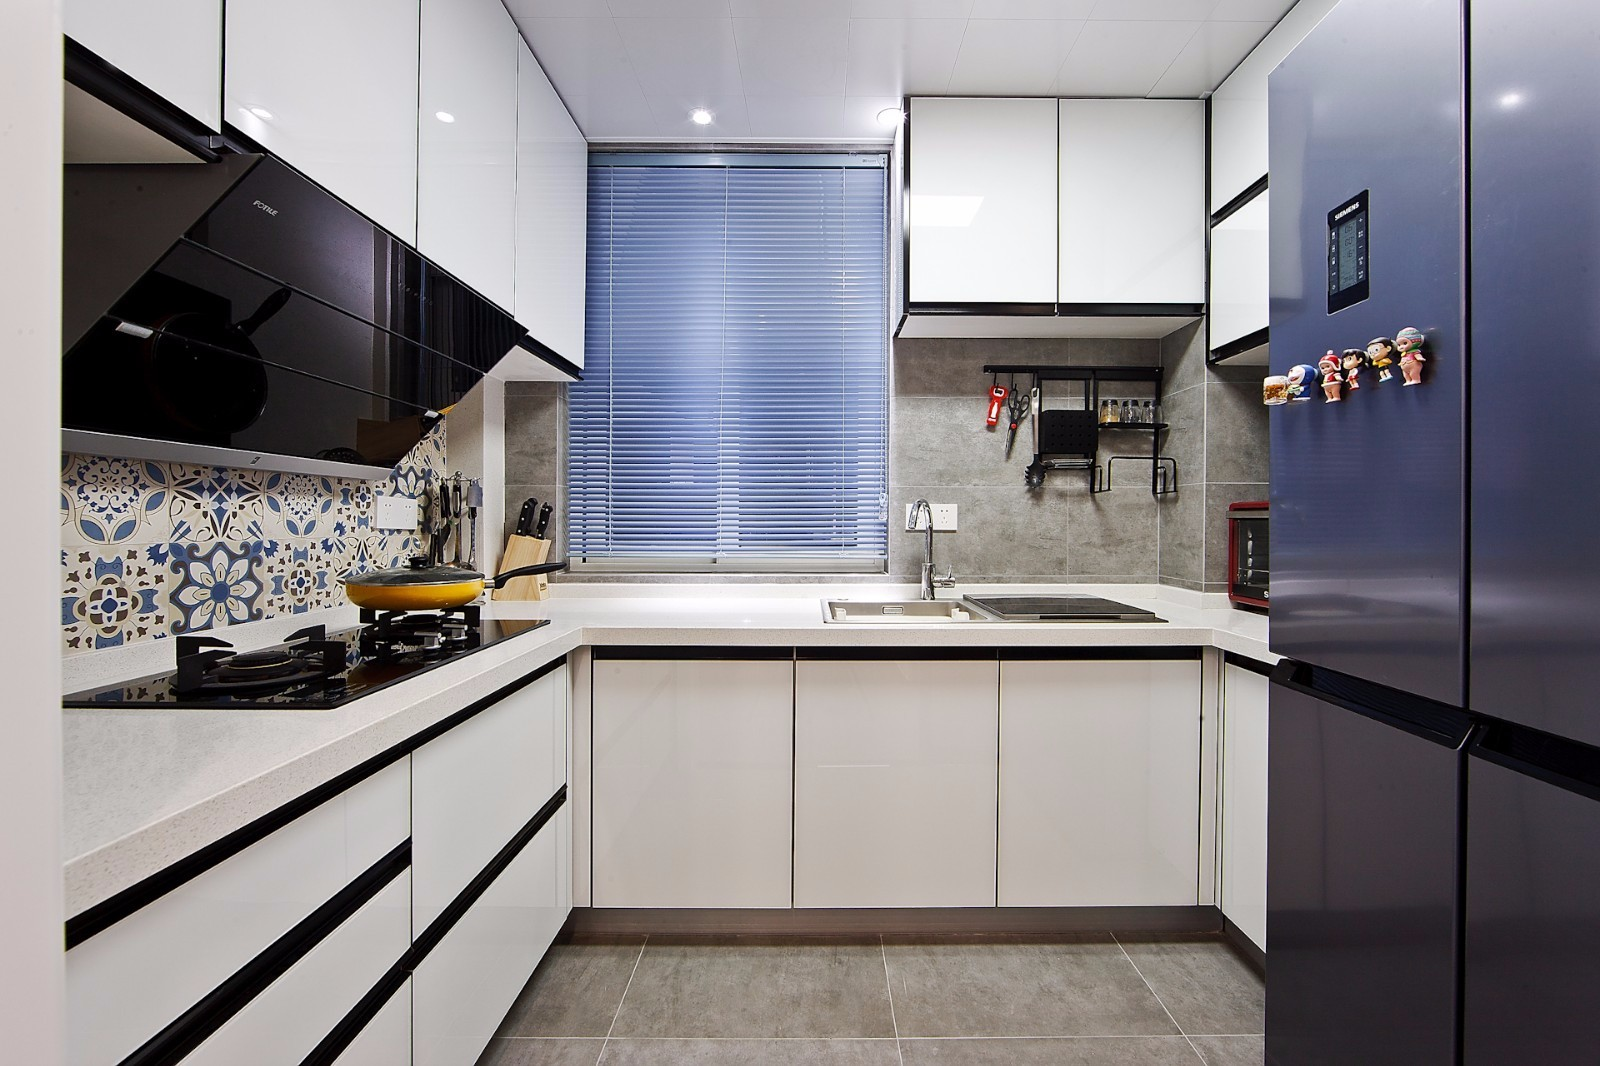 二居室北欧风格厨房装修效果图